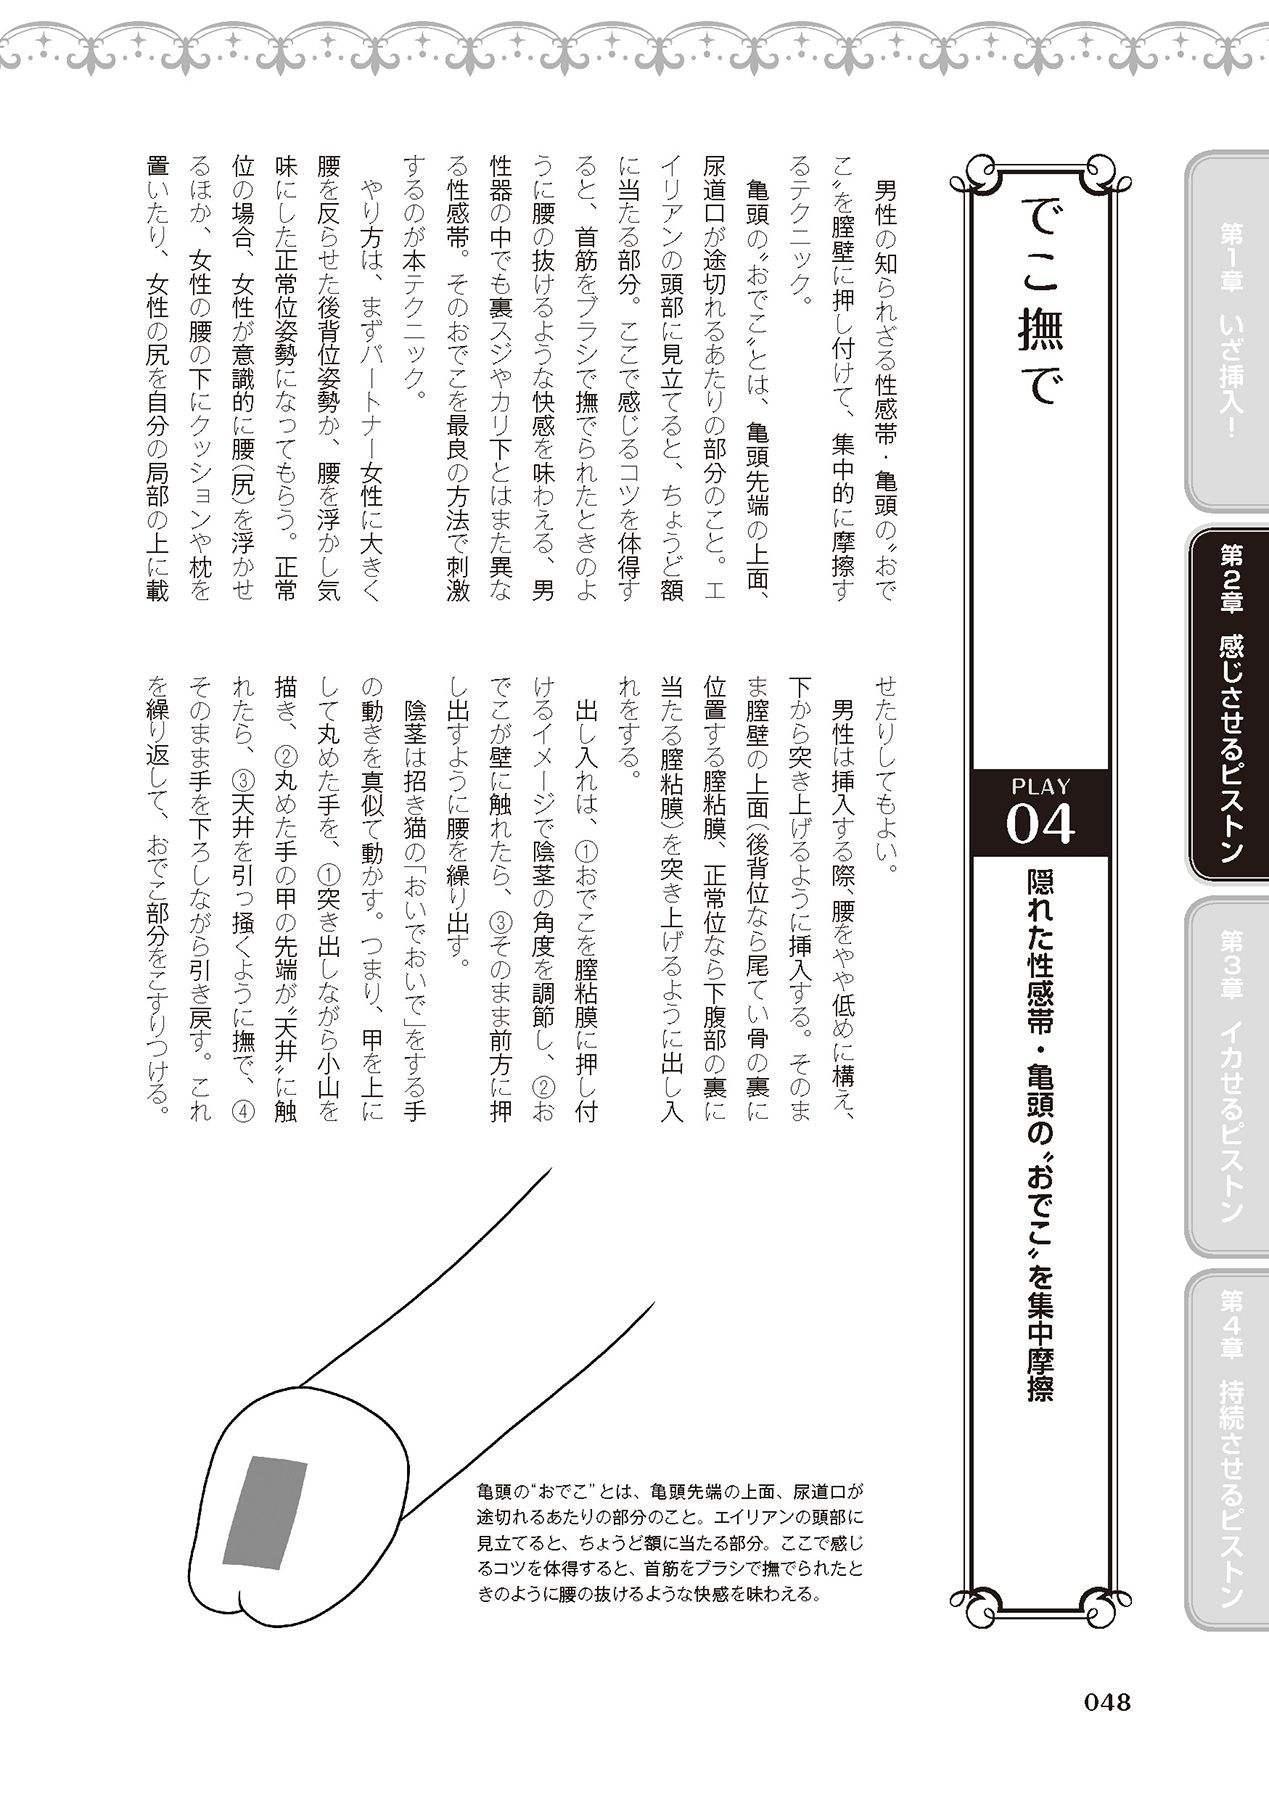 膣挿入&ピストン運動完全マニュアル イラスト版……ピスとんッ! 49